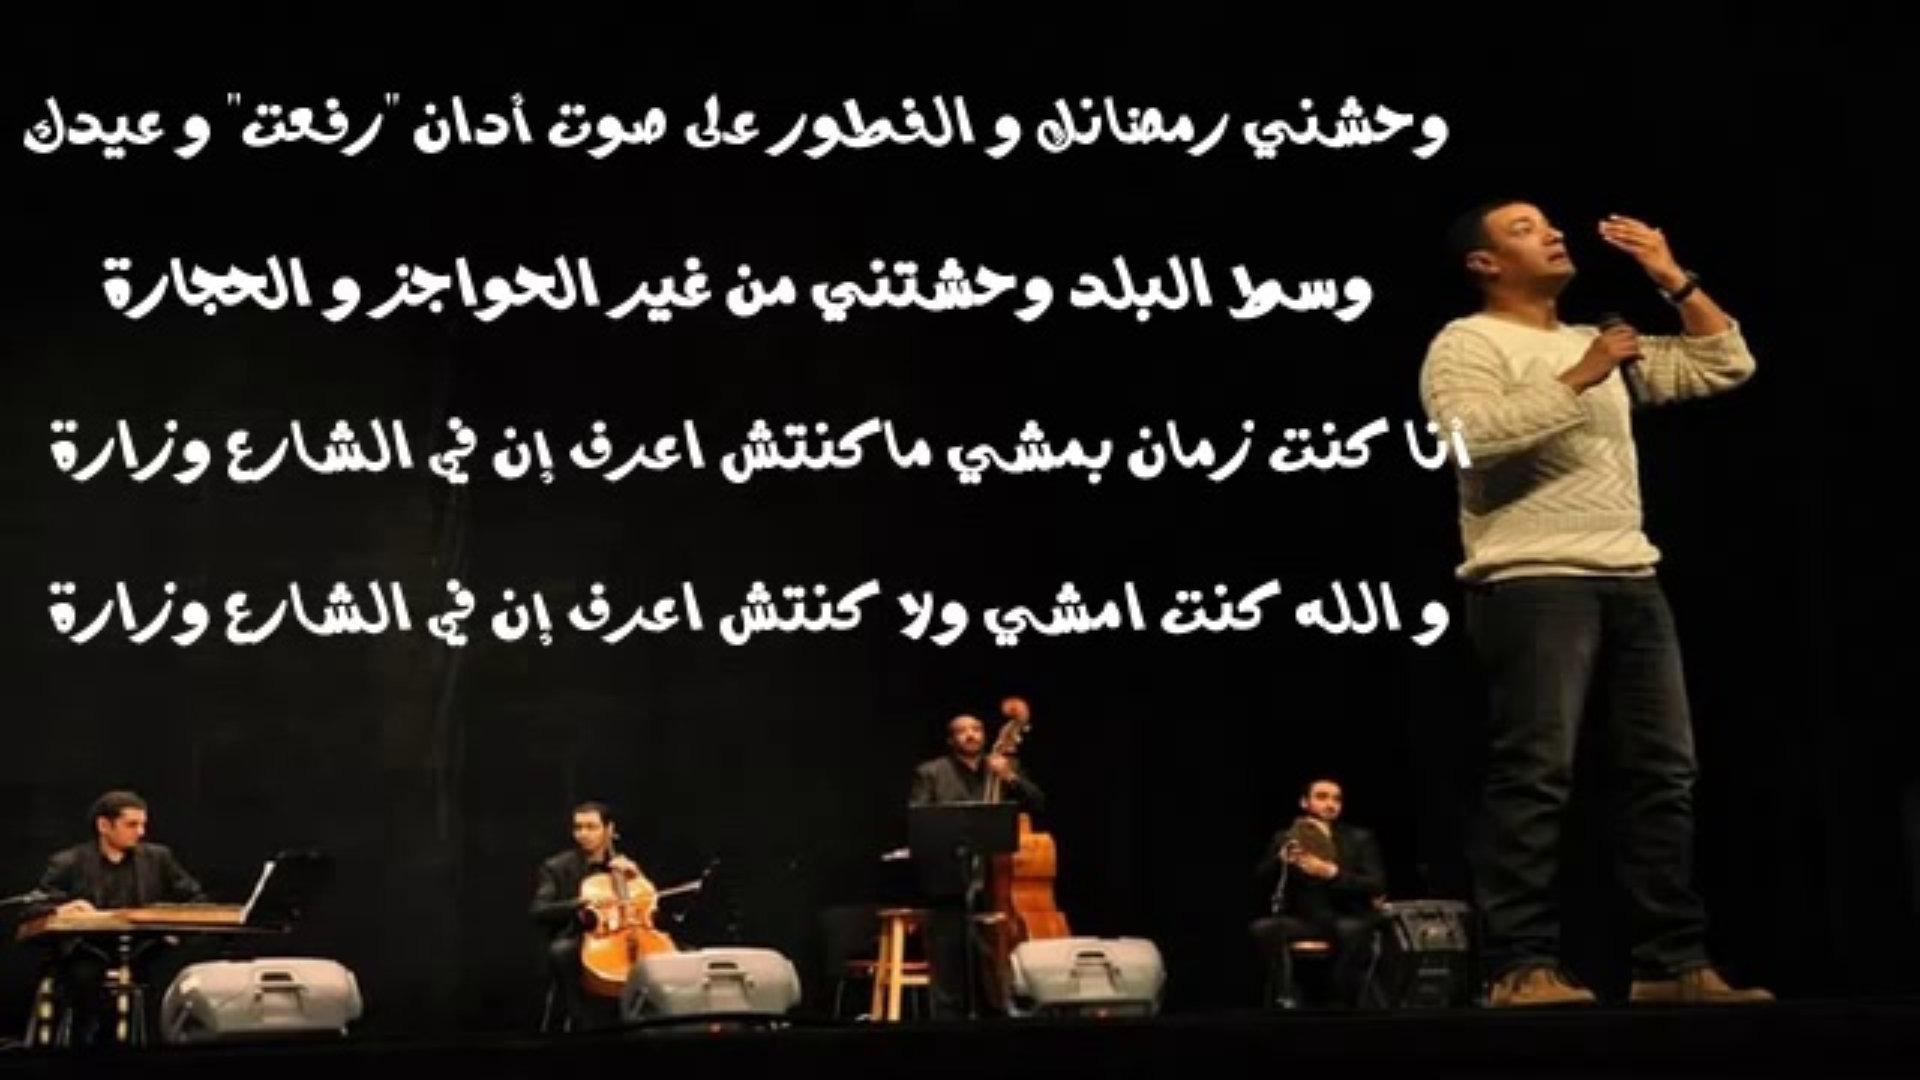 بالصور قصائد هشام الجخ , اجمل ما قاله الجخ 3496 2